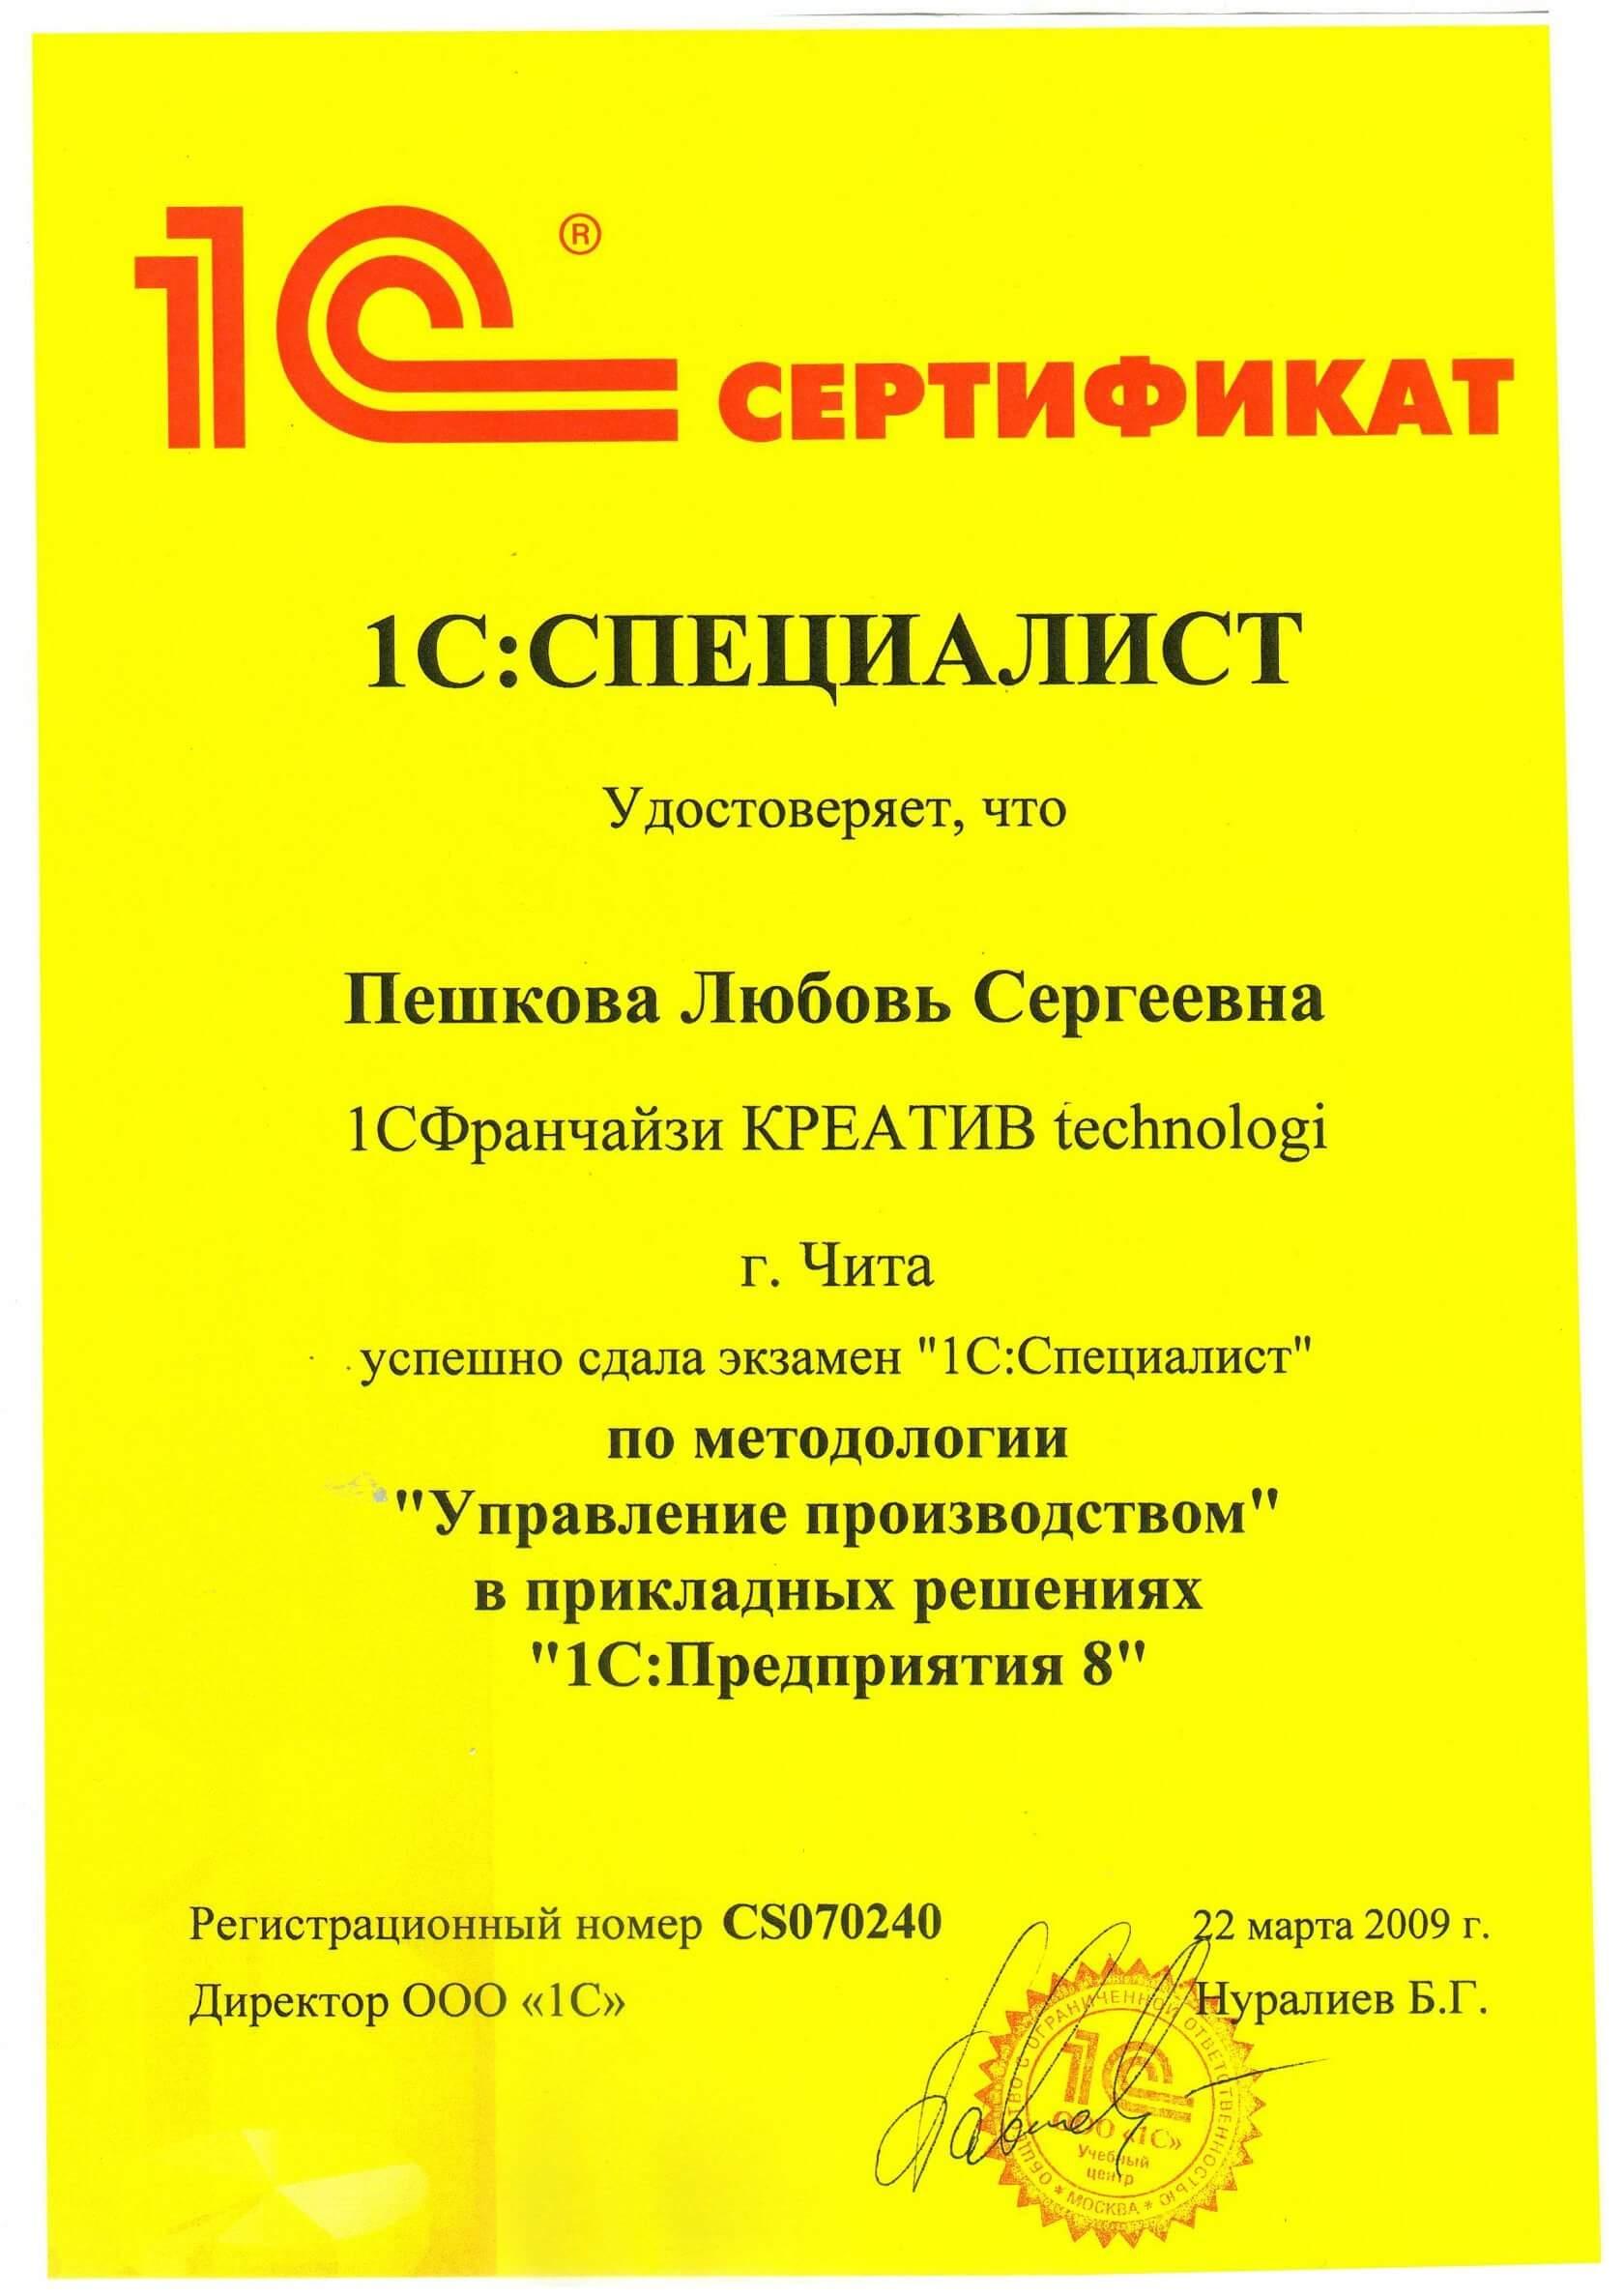 1с торговля и склад чита обучение на смета онлайн бесплатно на строительные работы